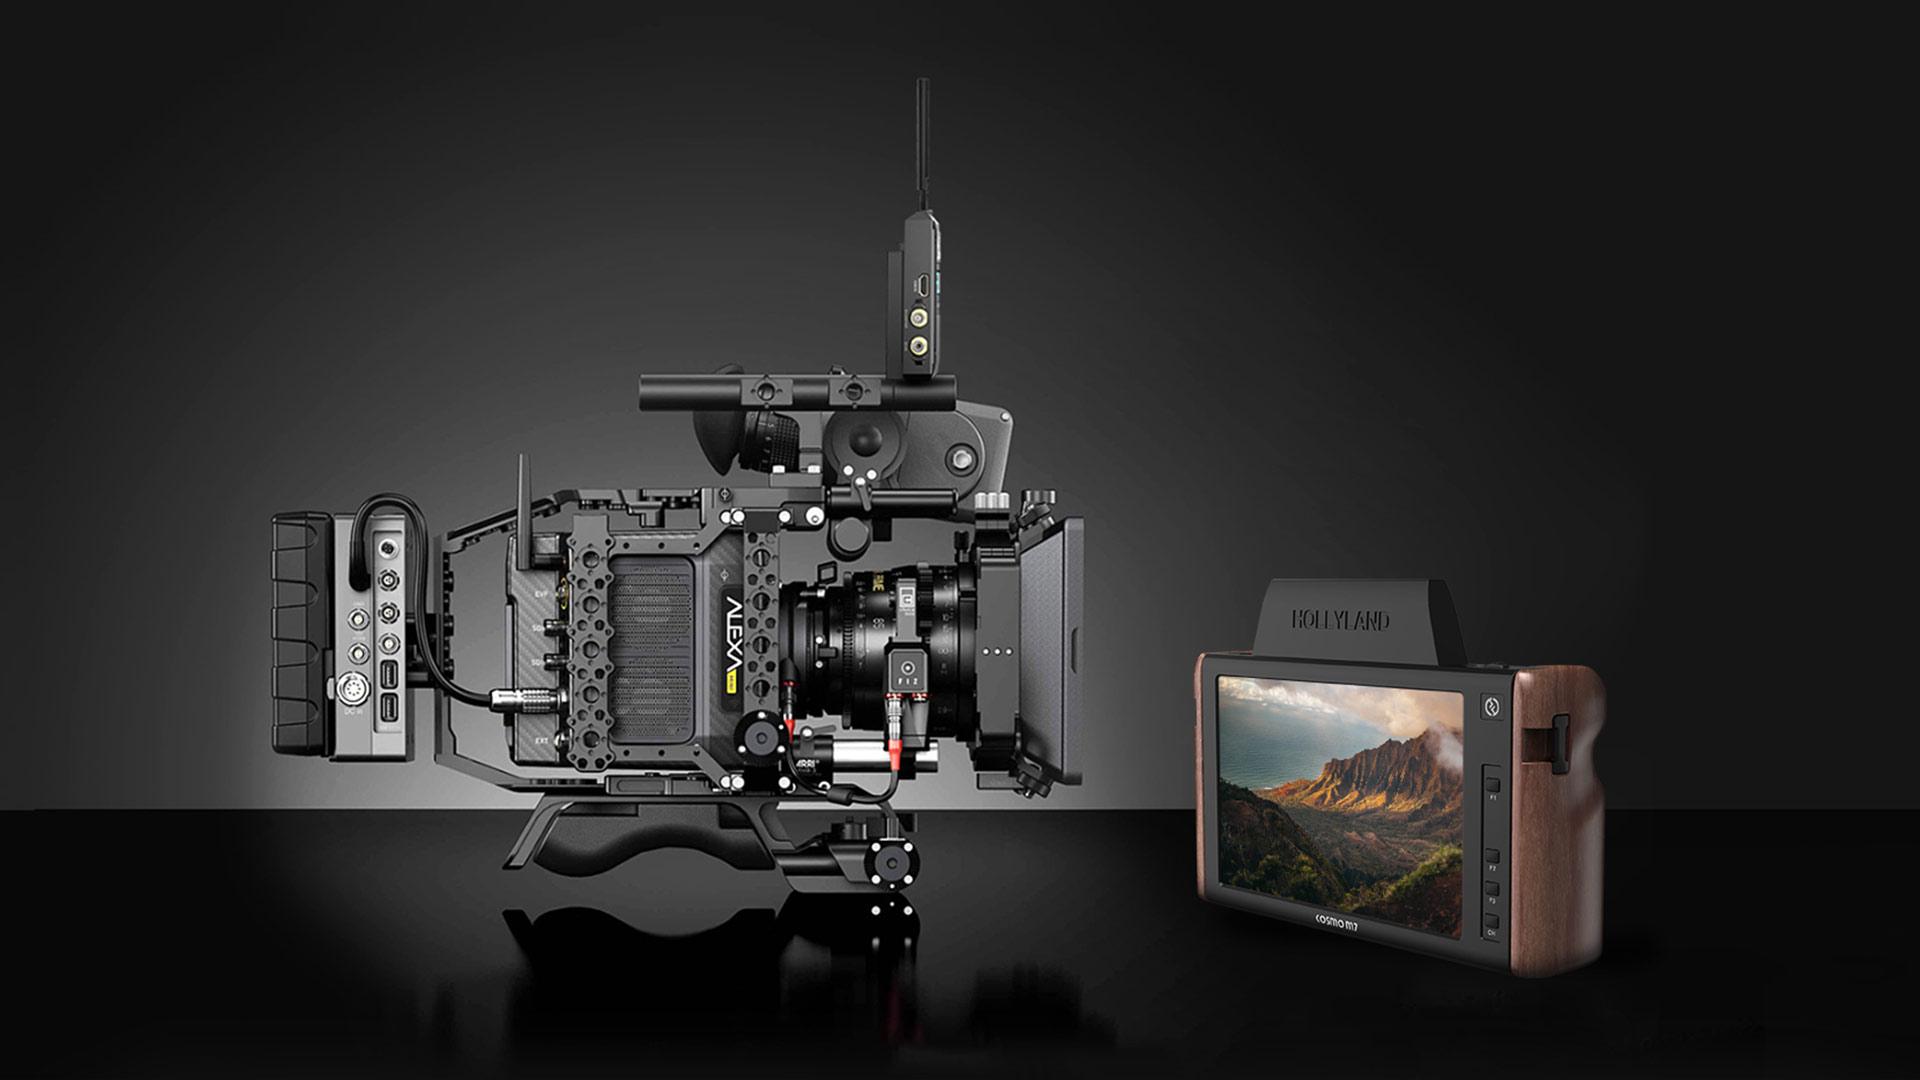 HollylandがCosmo M7 7″ワイヤレスモニターを発売